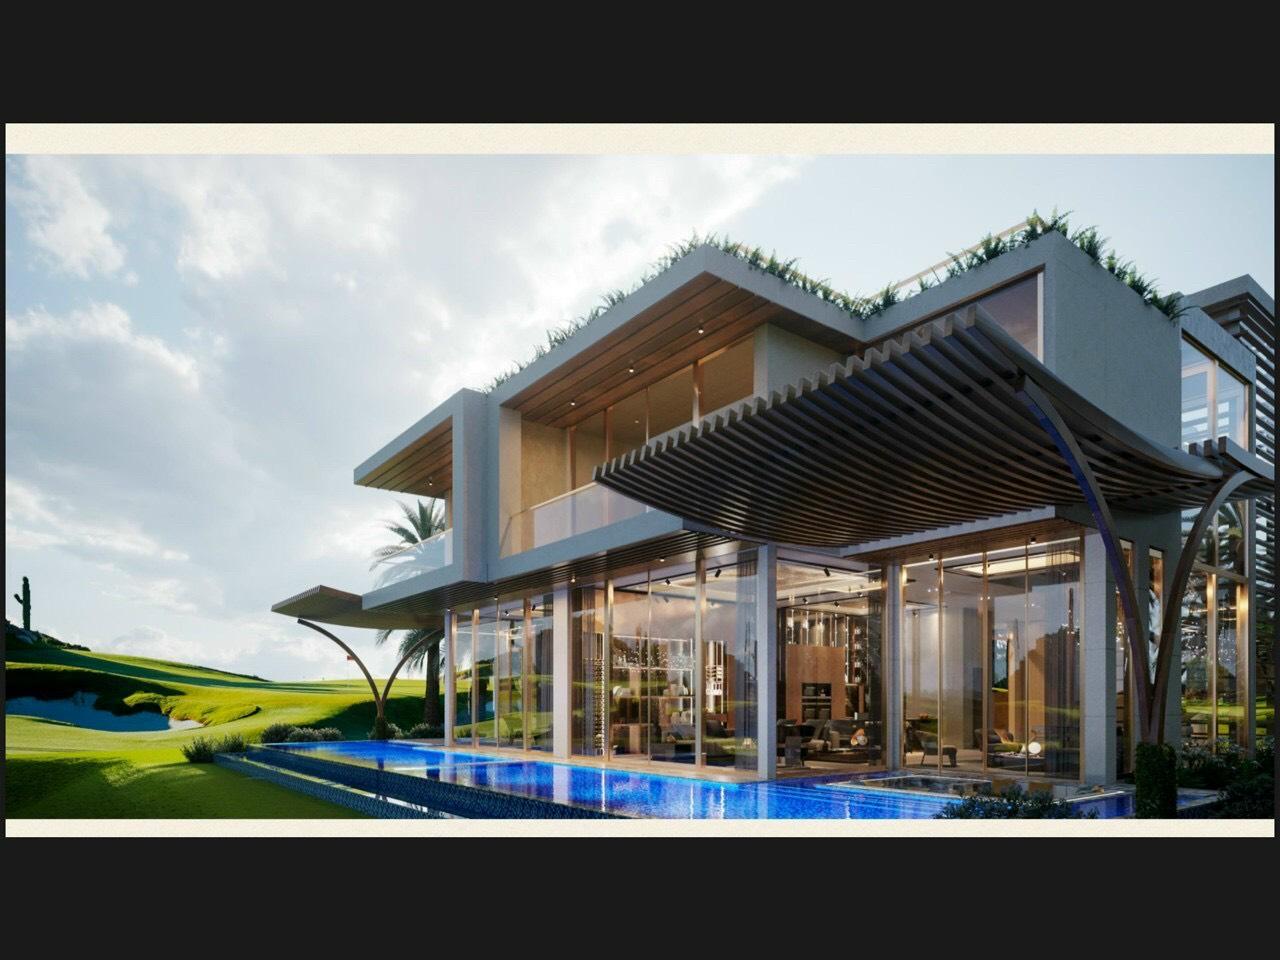 Độc đáo dòng biệt thự trong lòng sân golf ở Phan Thiết